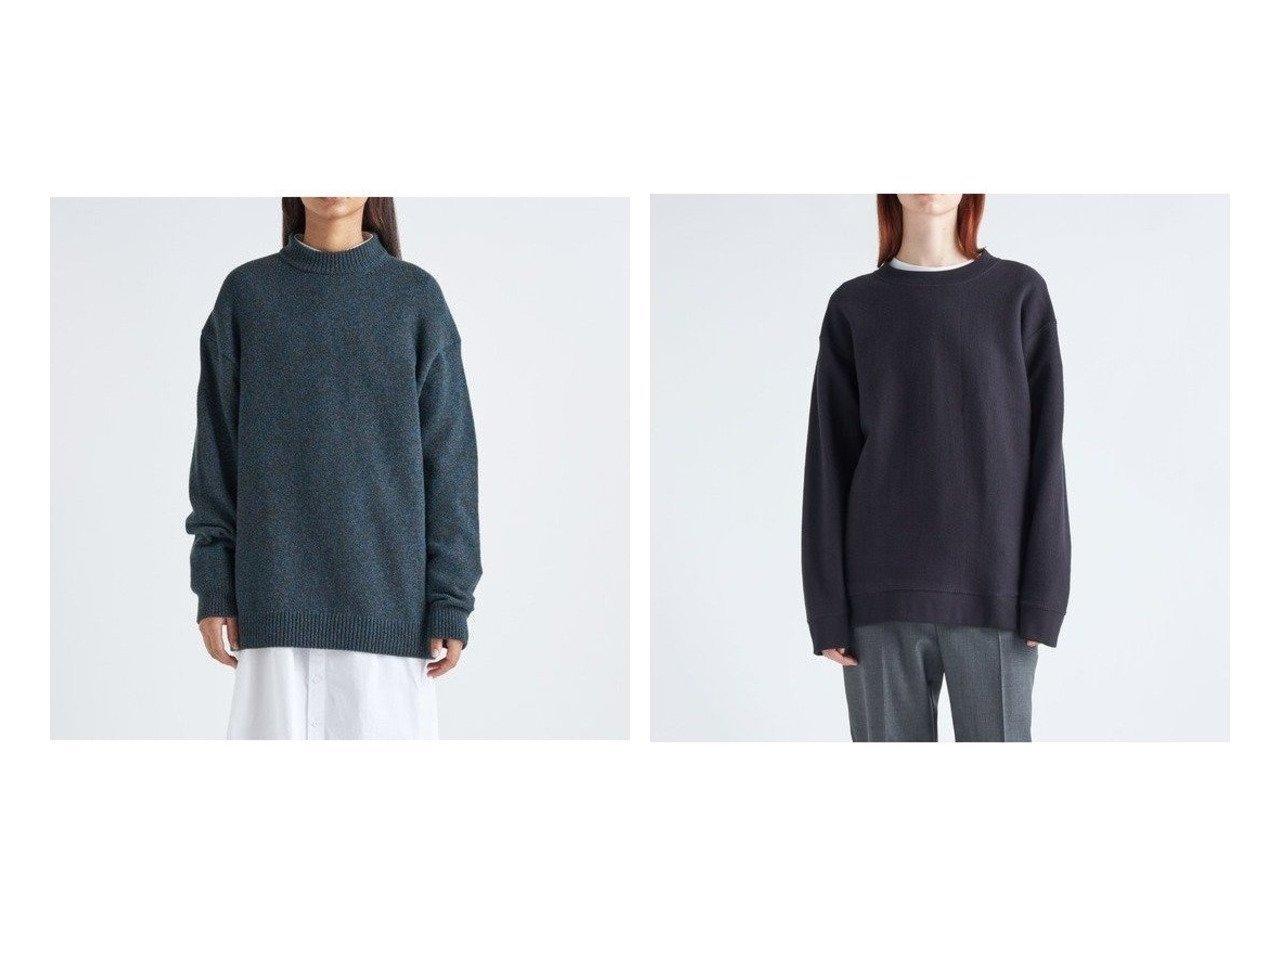 【ATON/エイトン】のオーバーサイズスウェットシャツ(UNISEX)&オーバーサイズモックネックプルオーバー(UNISEX) トップス・カットソーのおすすめ!人気、トレンド・レディースファッションの通販 おすすめで人気の流行・トレンド、ファッションの通販商品 メンズファッション・キッズファッション・インテリア・家具・レディースファッション・服の通販 founy(ファニー) https://founy.com/ ファッション Fashion レディースファッション WOMEN トップス Tops Tshirt プルオーバー Pullover シャツ/ブラウス Shirts Blouses パーカ Sweats スウェット Sweat インナー セーター ダブル 定番 Standard モックネック UNISEX 送料無料 Free Shipping |ID:crp329100000011141